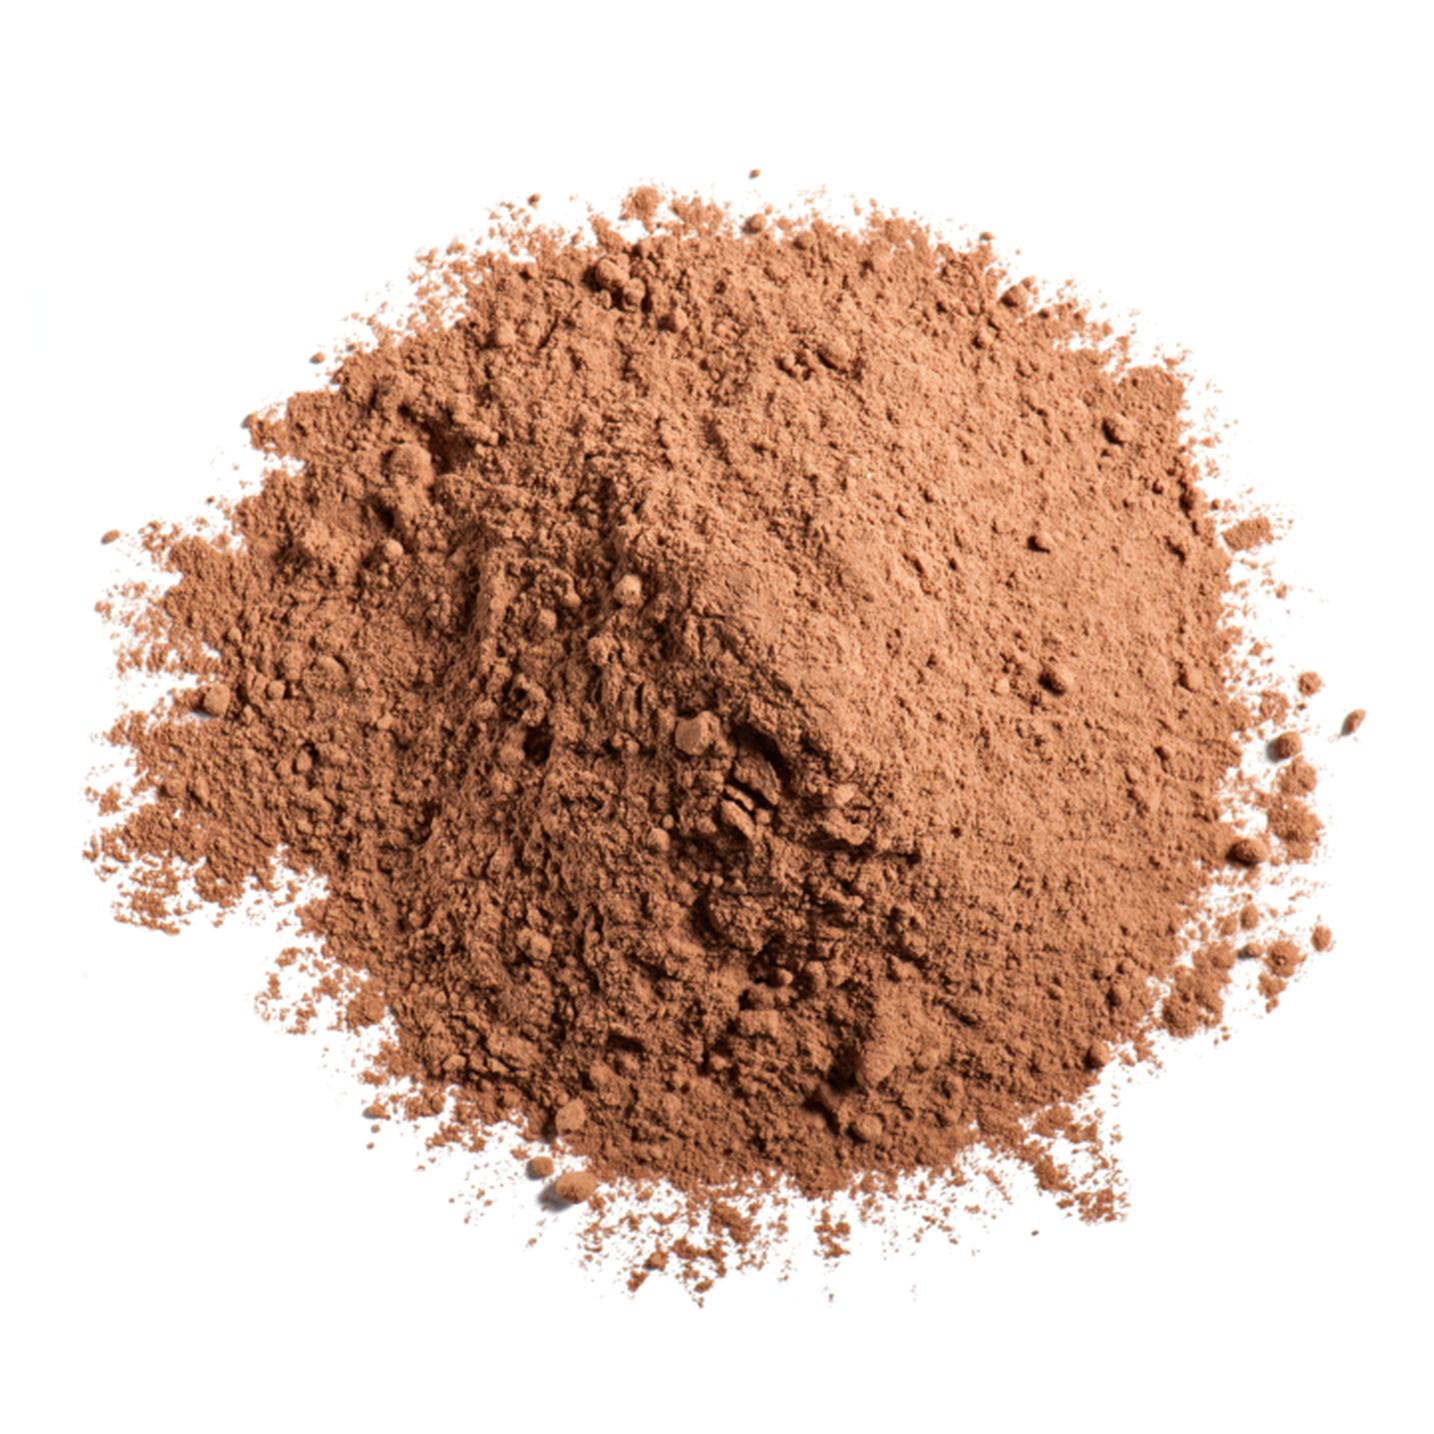 cocoa powder (200g)